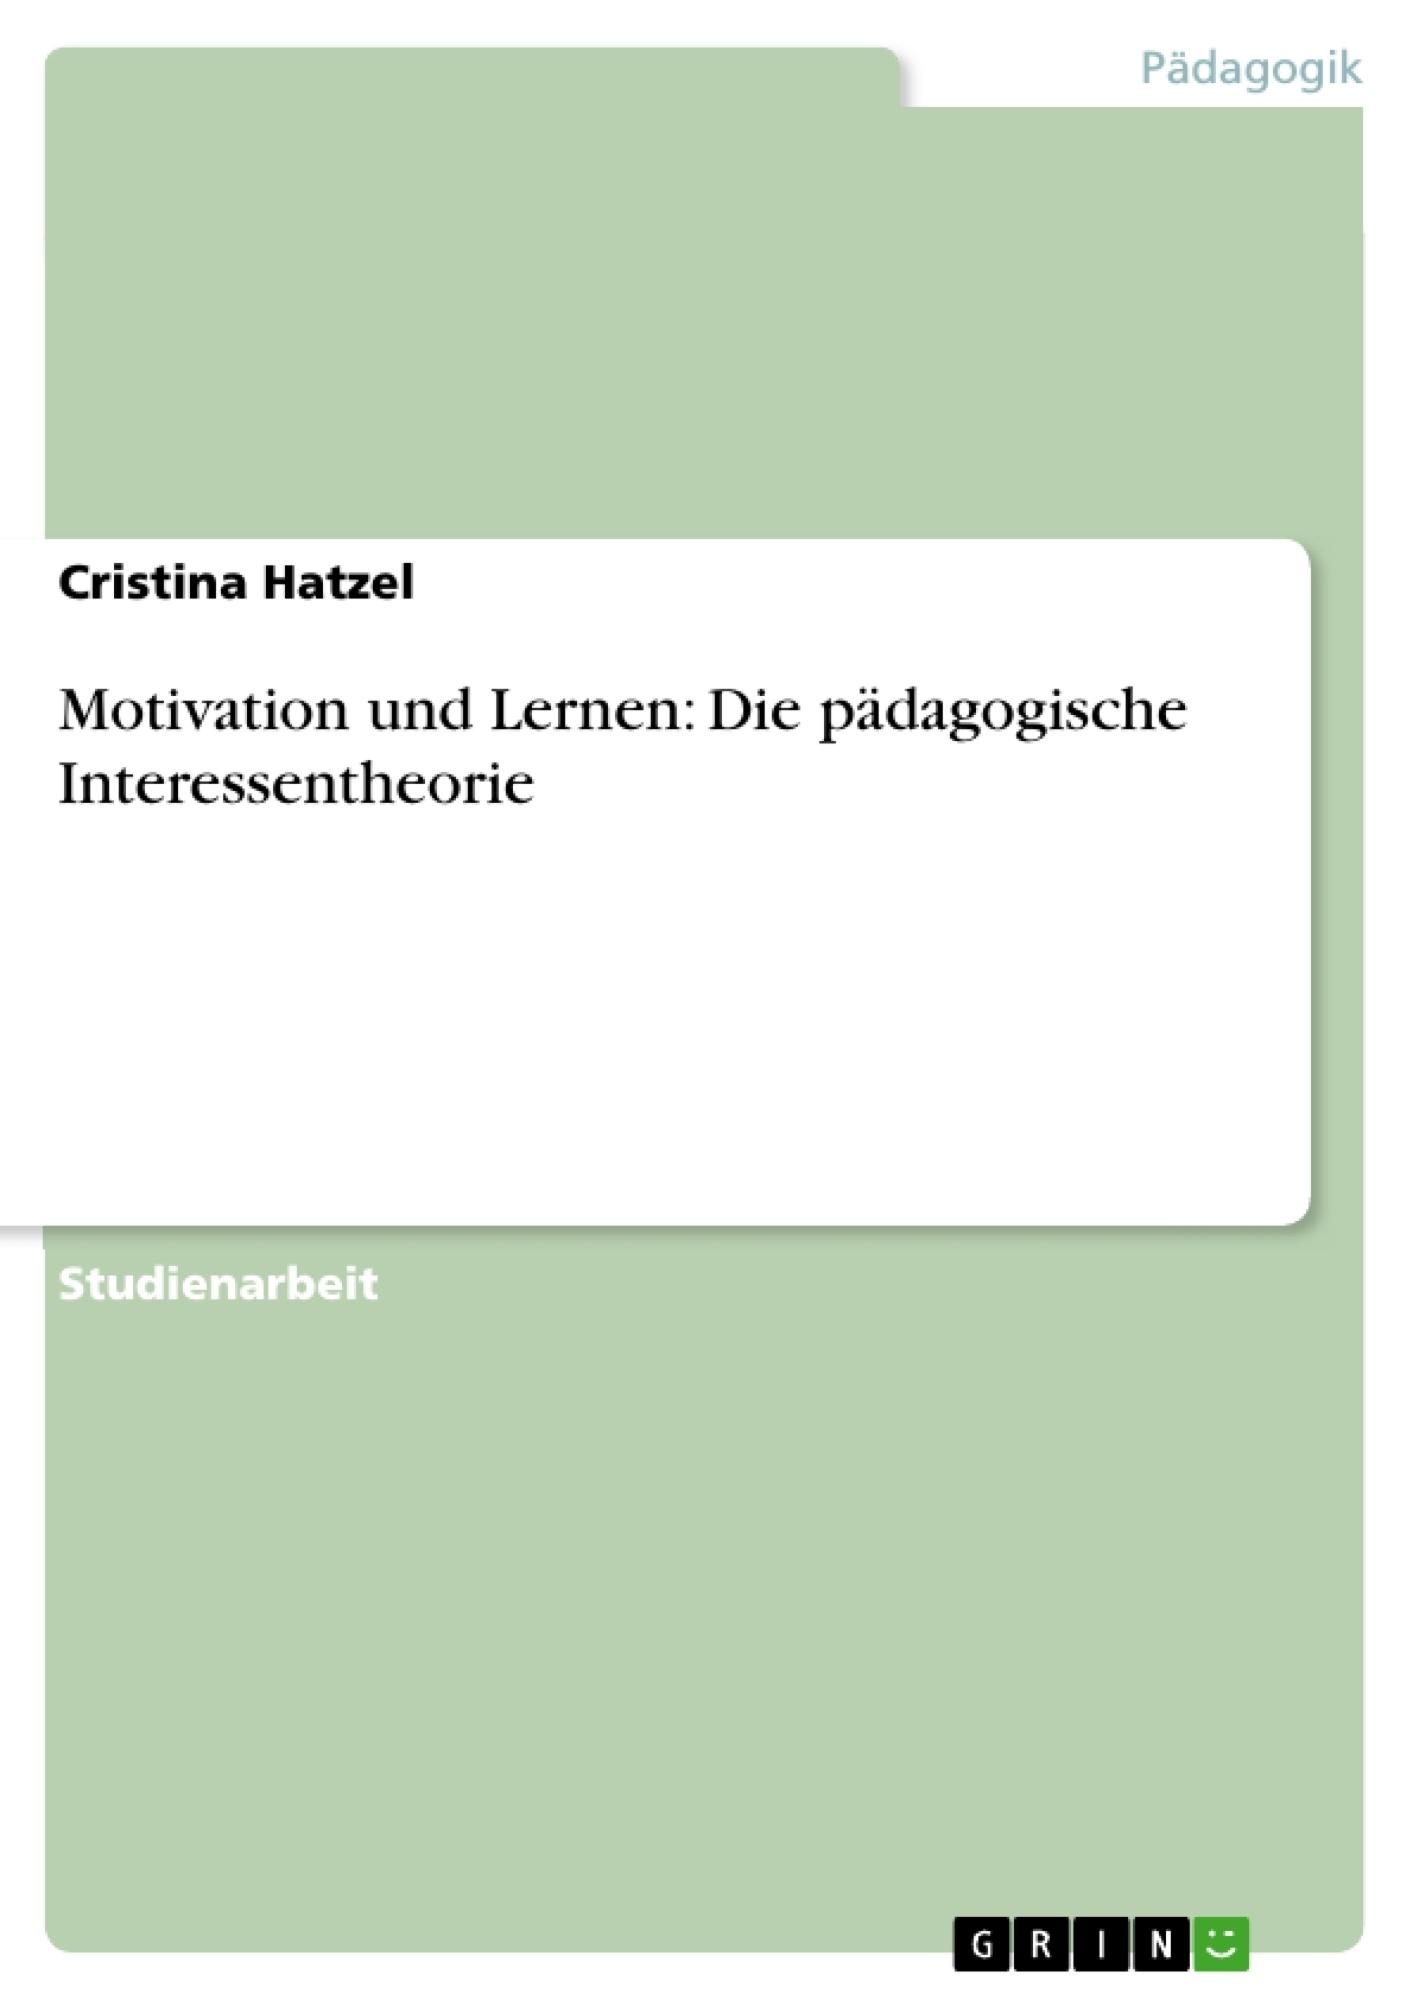 Titel: Motivation und Lernen: Die pädagogische Interessentheorie